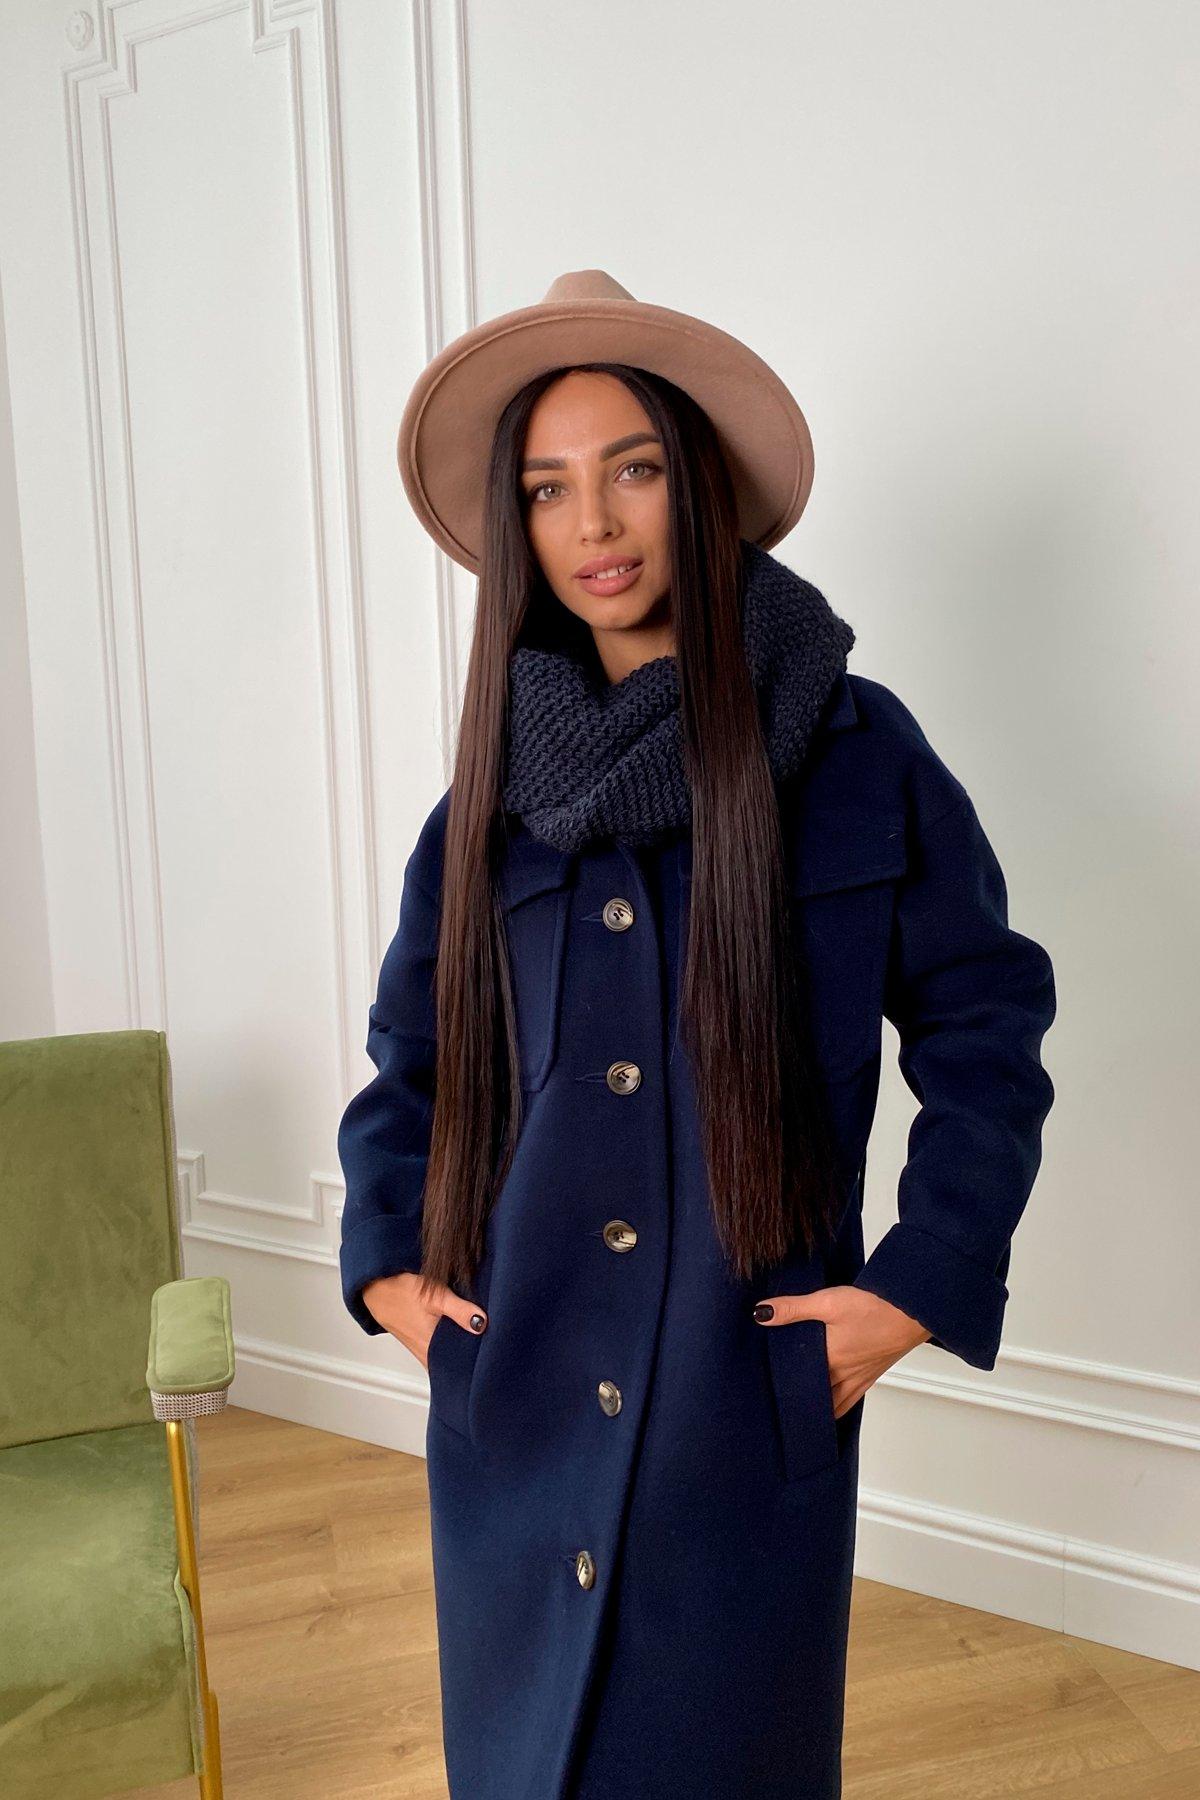 Ола кашемир китай пальтовая ткань зима пальто 9987 АРТ. 46285 Цвет: т. синий - фото 4, интернет магазин tm-modus.ru